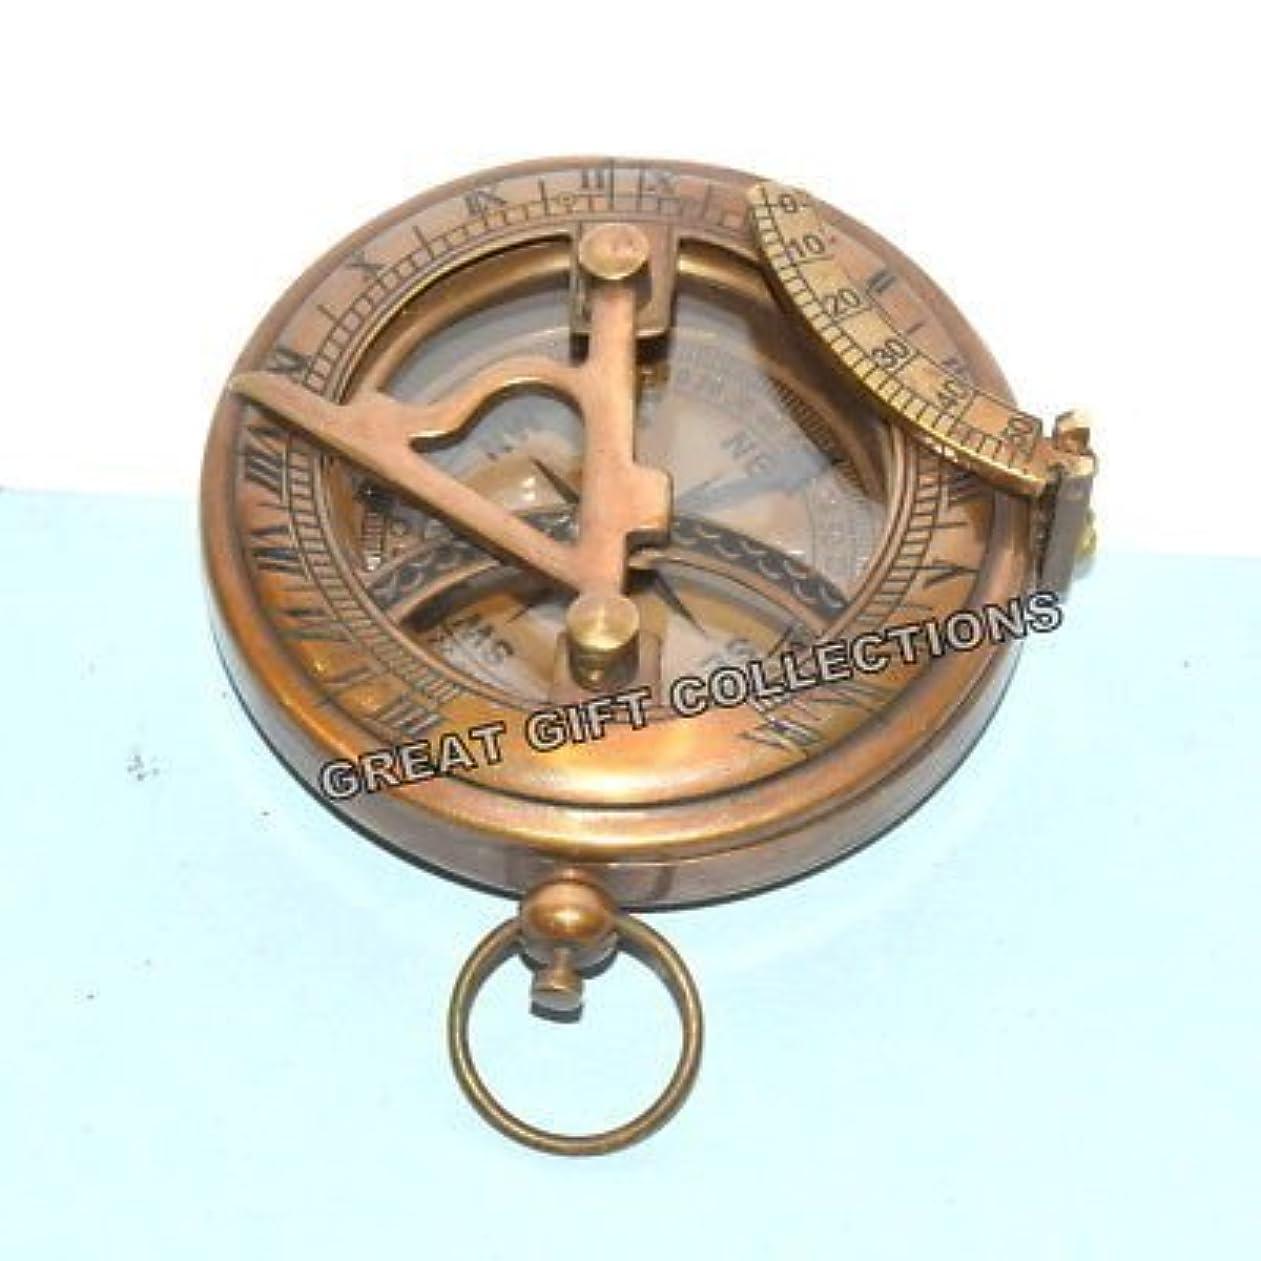 化学者ストレス見せますヴィンテージアンティーク真鍮ポケット日時計コンパスプッシュボタンHumaira Nautical